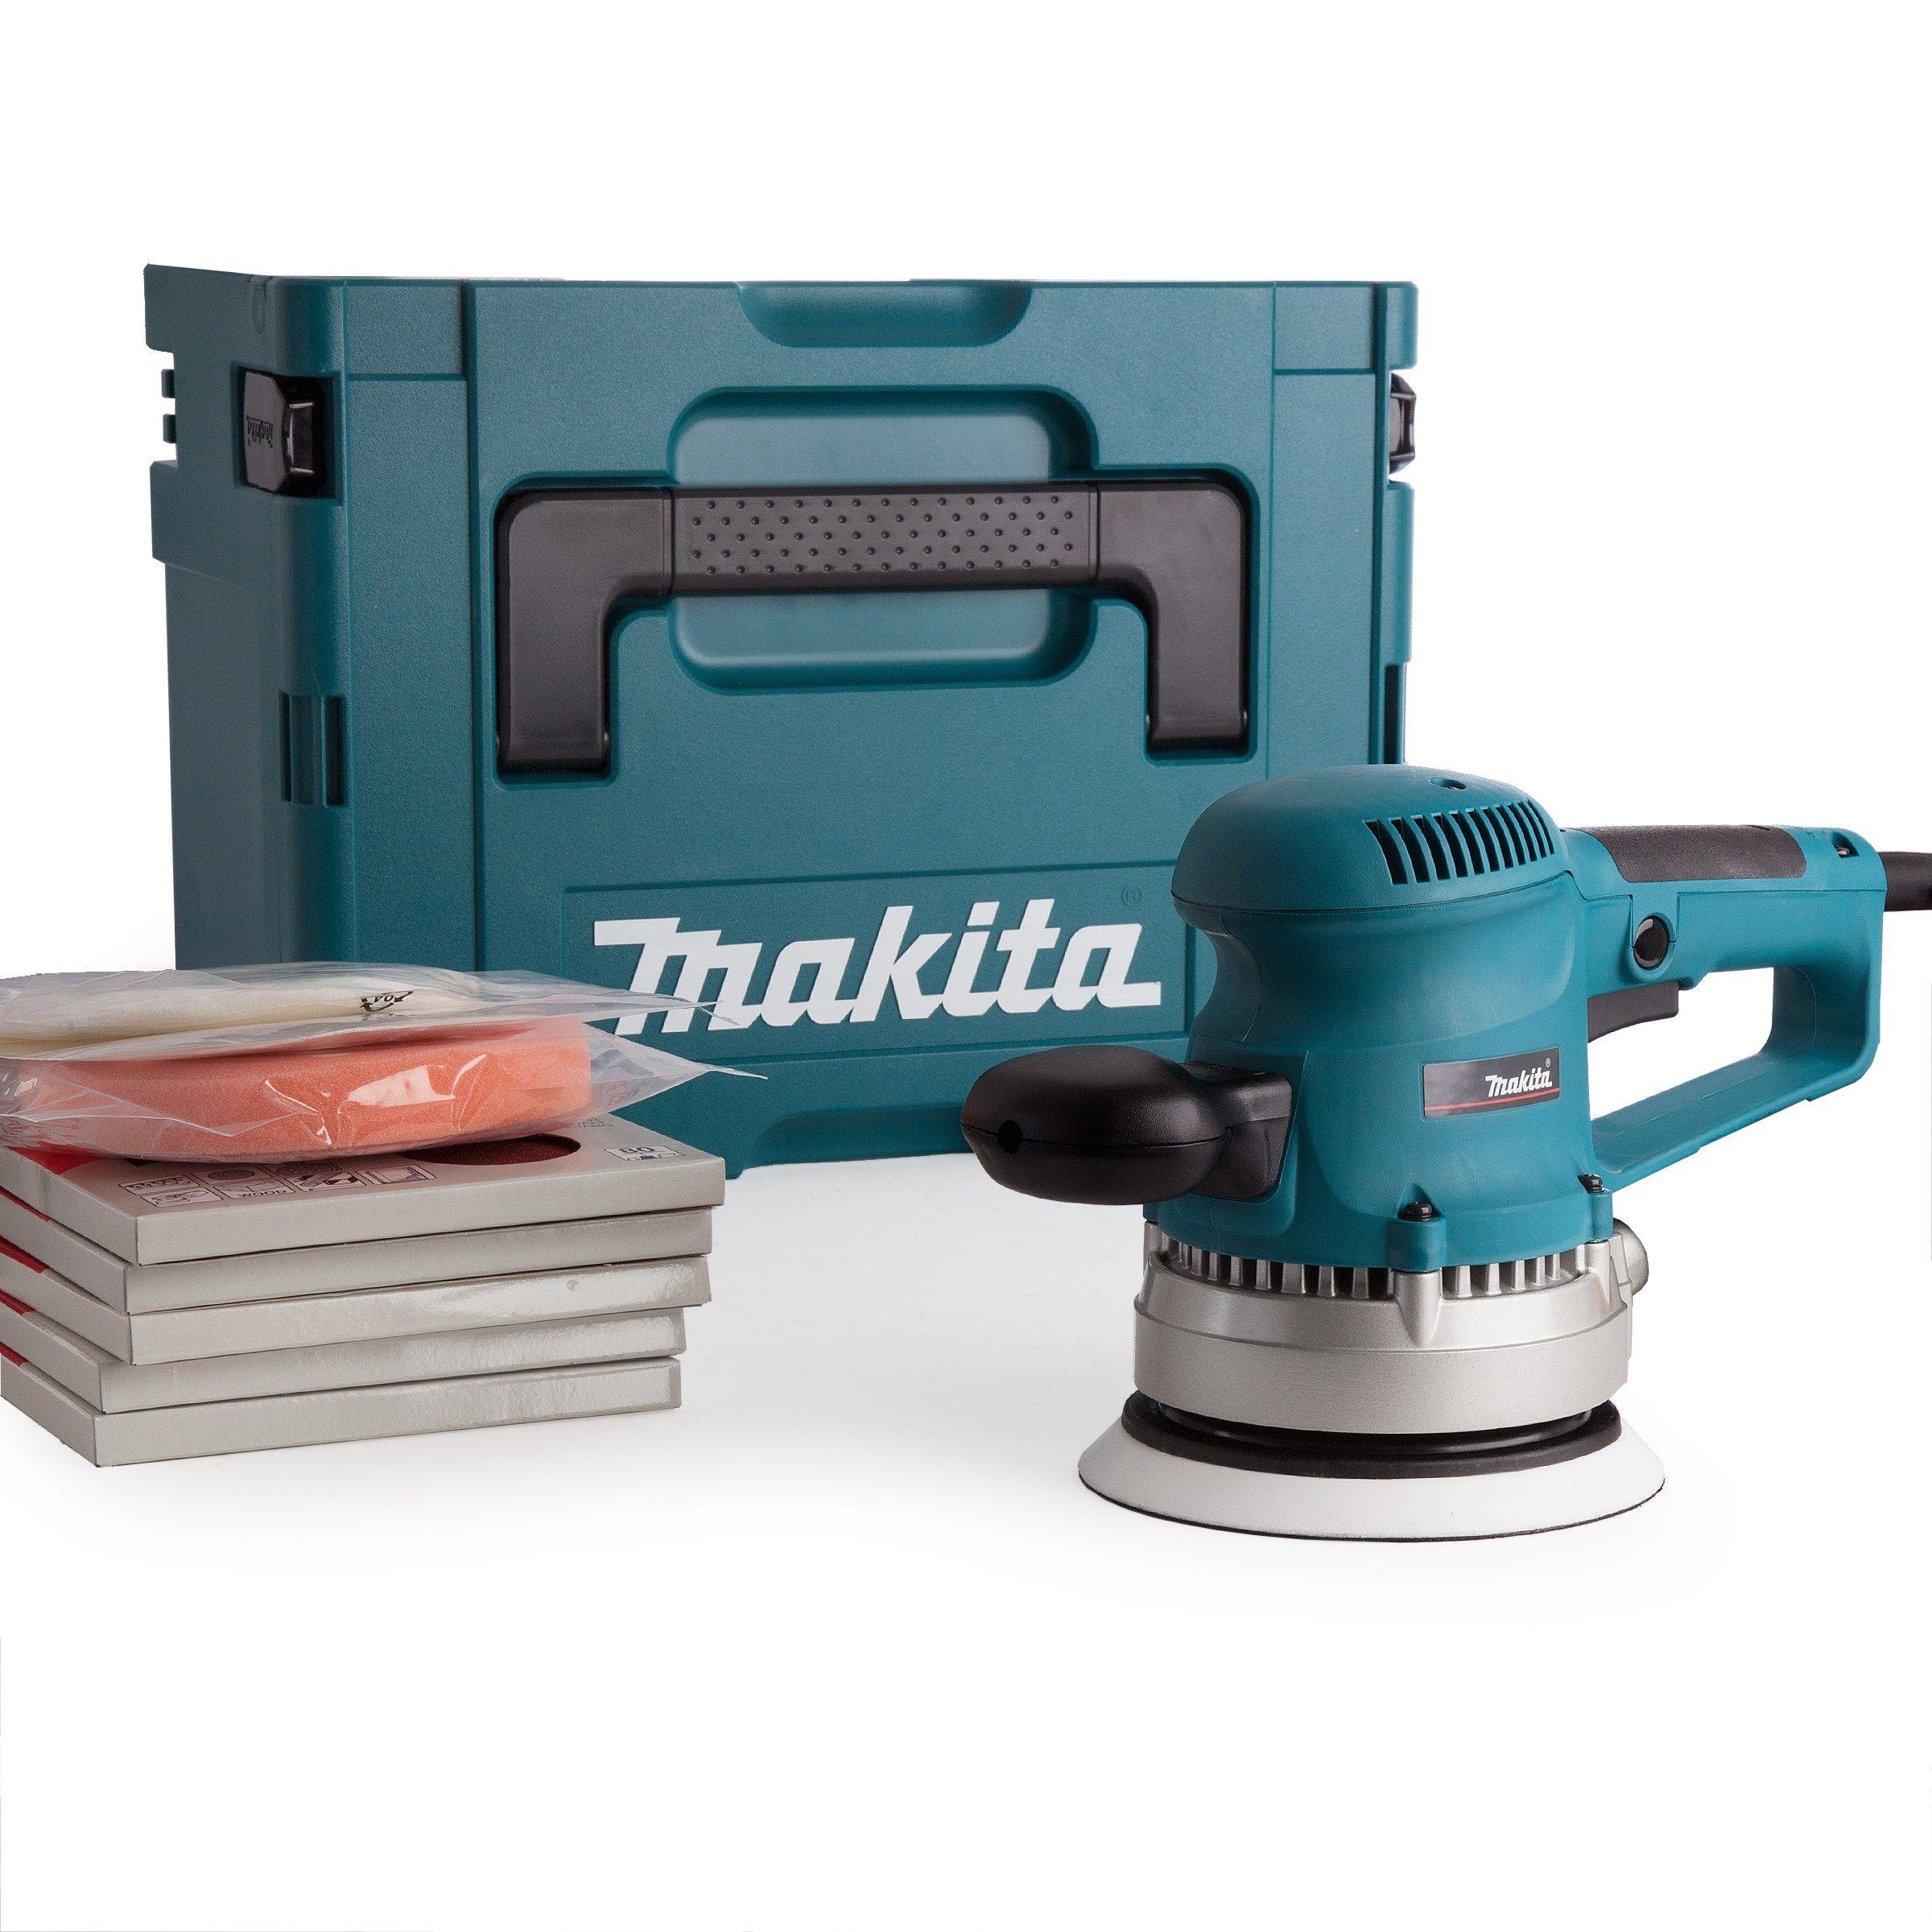 Makita Bo6030 150mm Random Orbit Sander Makita Tools Best Random Orbital Sander Cool Tools